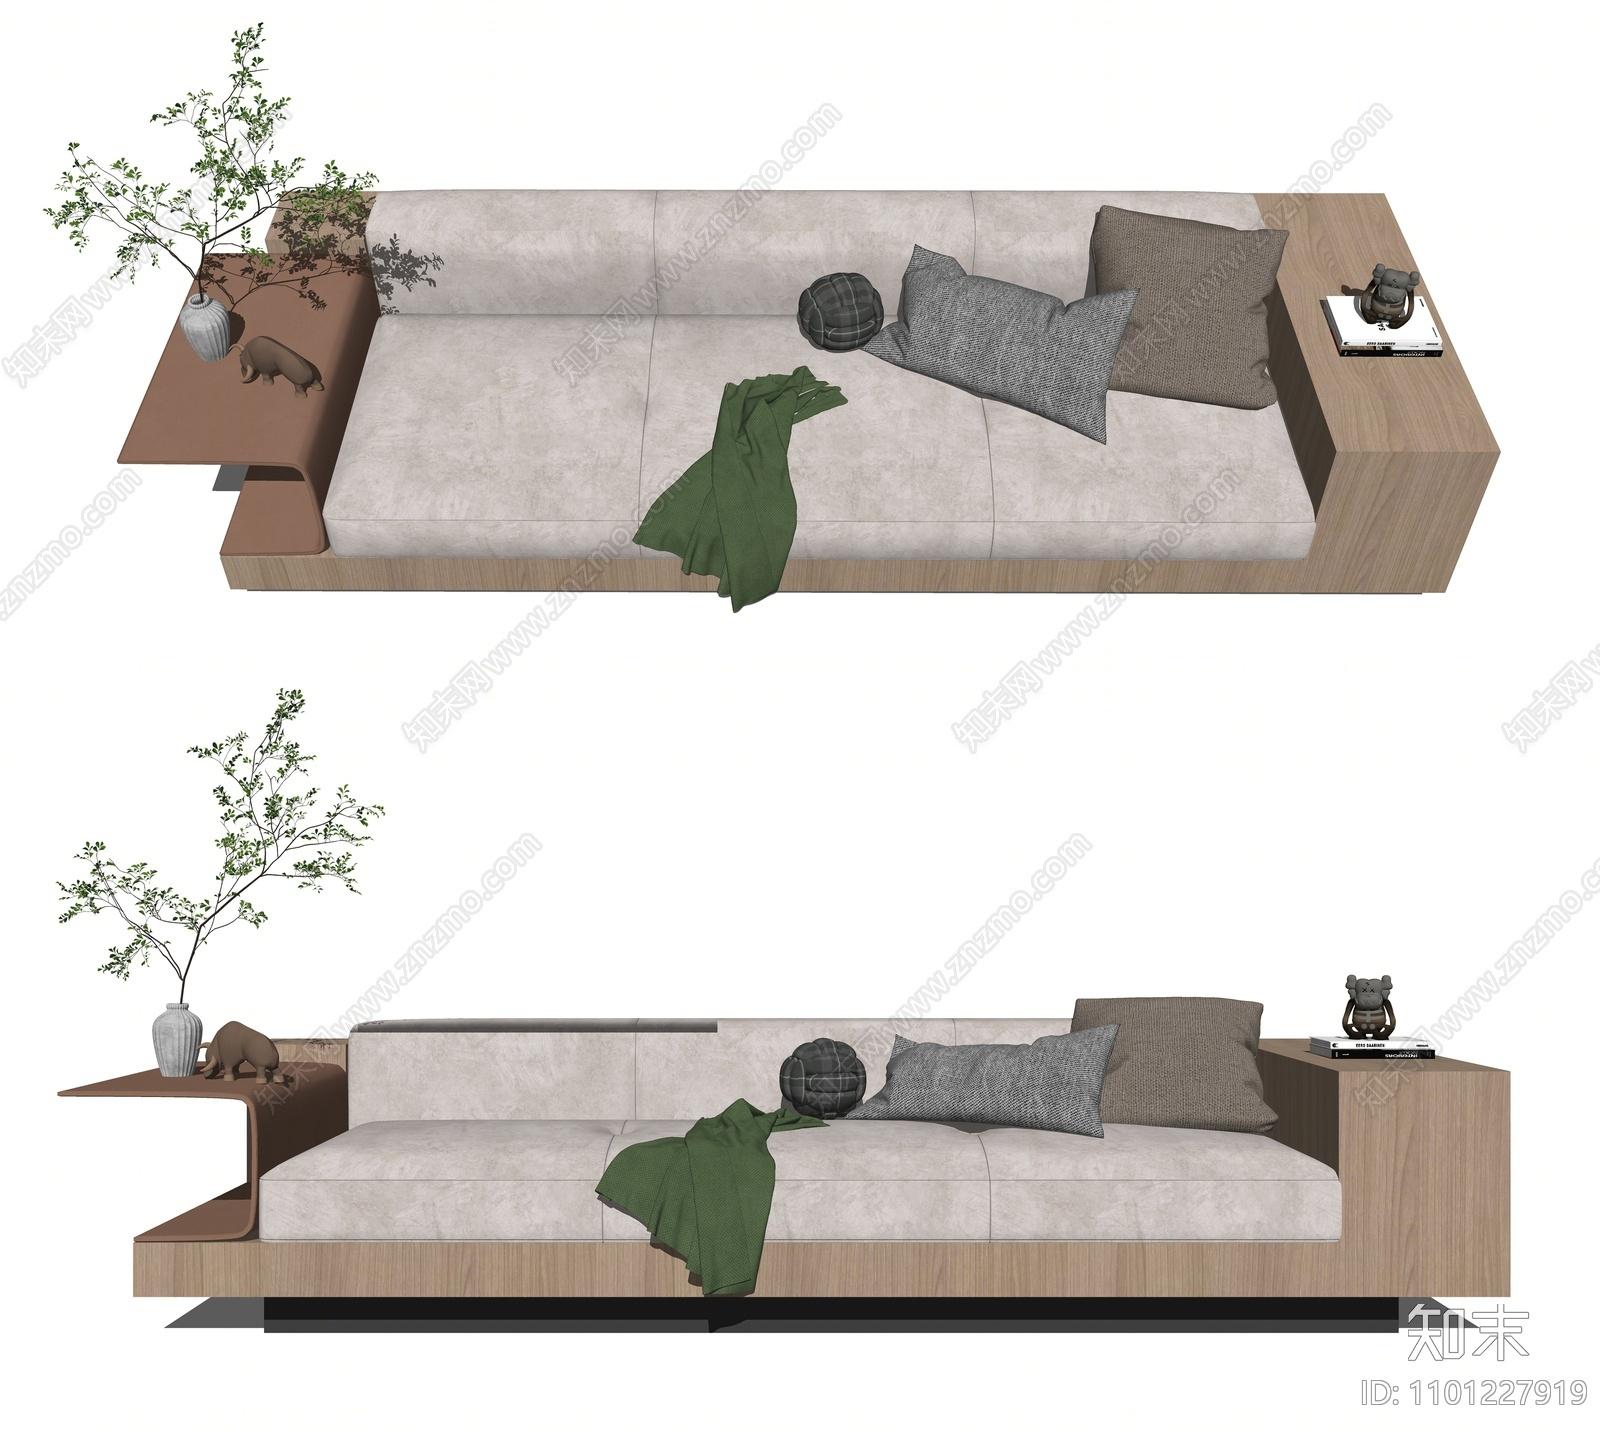 现代多人沙发SU模型下载【ID:1101227919】